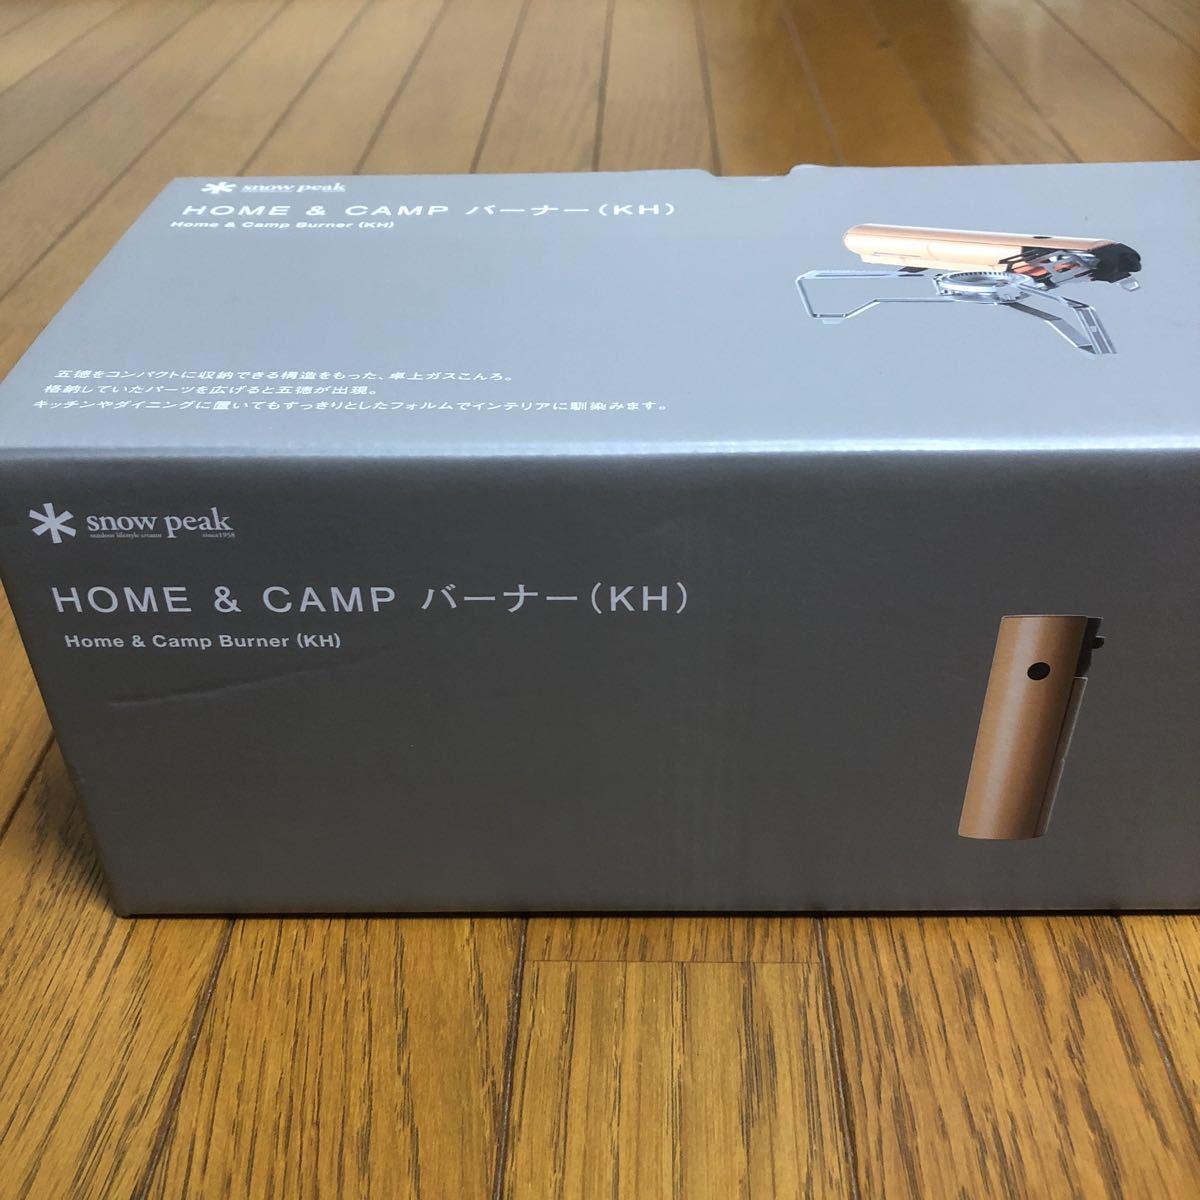 完売★新品 snow peak スノーピーク HOME&CAMP バーナー カーキ ソロキャンプ 卓上ガスコンロ CB缶 テント